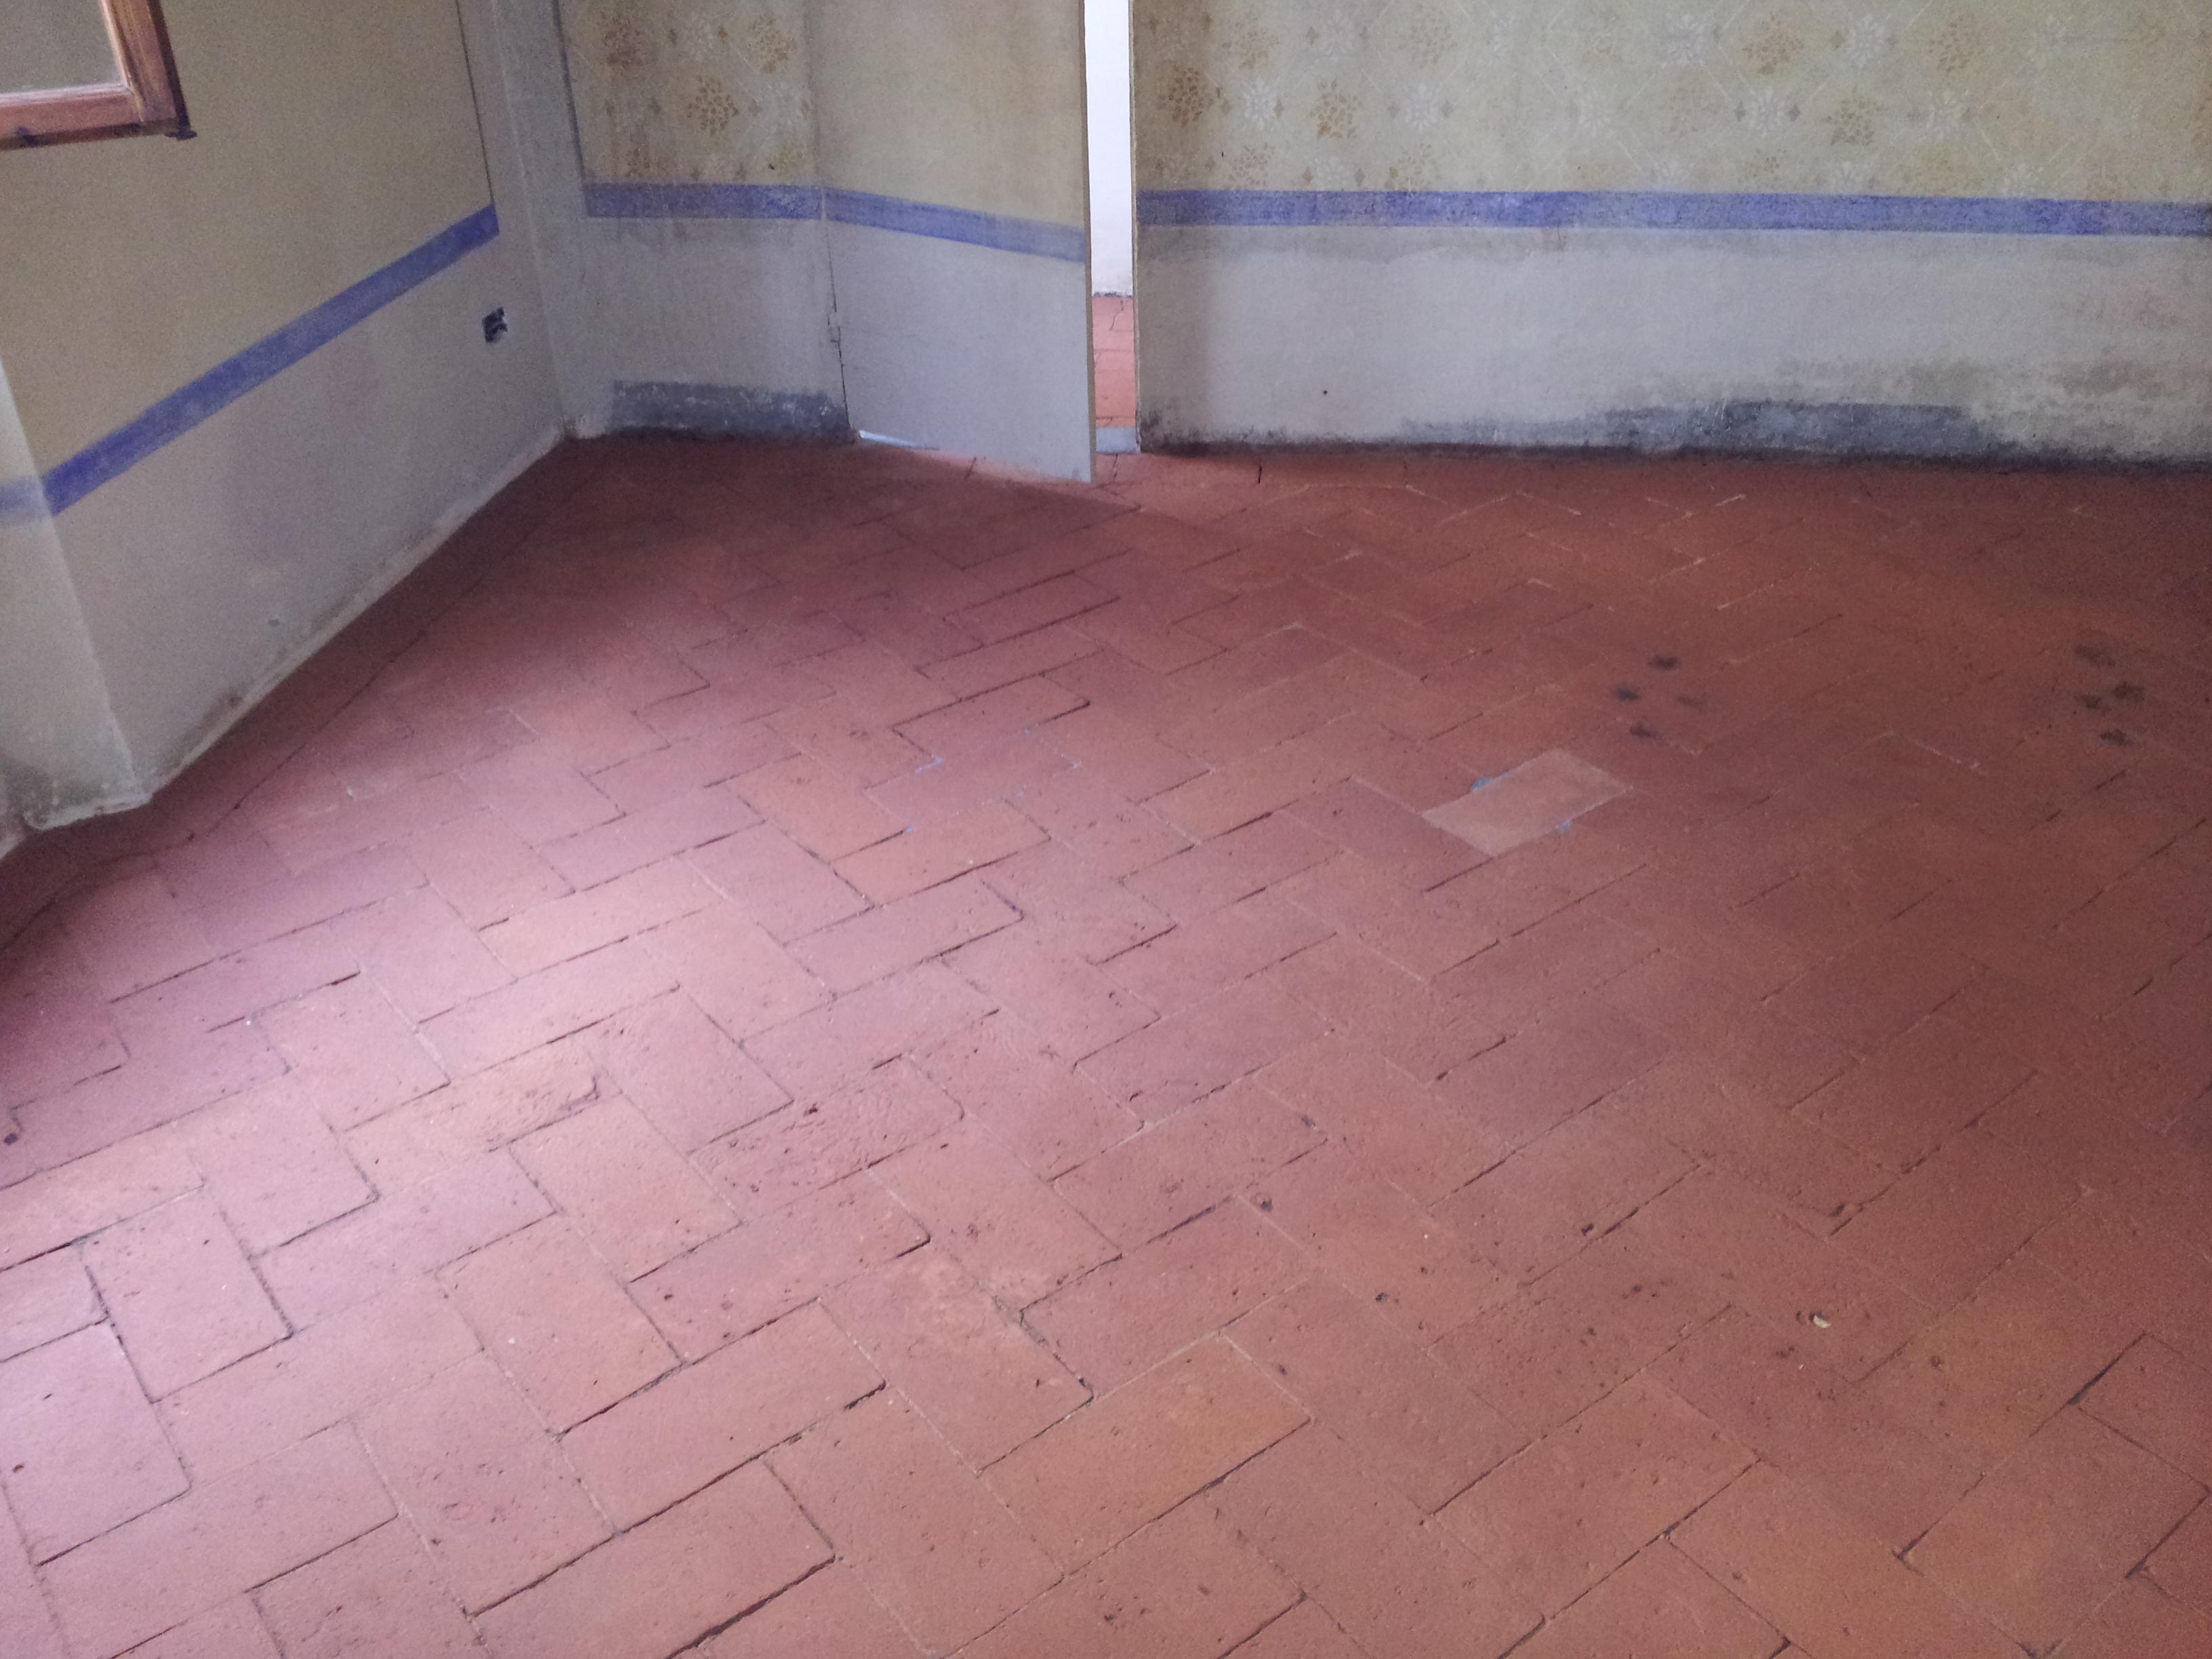 Pavimenti In Cotto Fatto A Mano : Recupero pavimento in cotto fatto a mano antico piastrellista